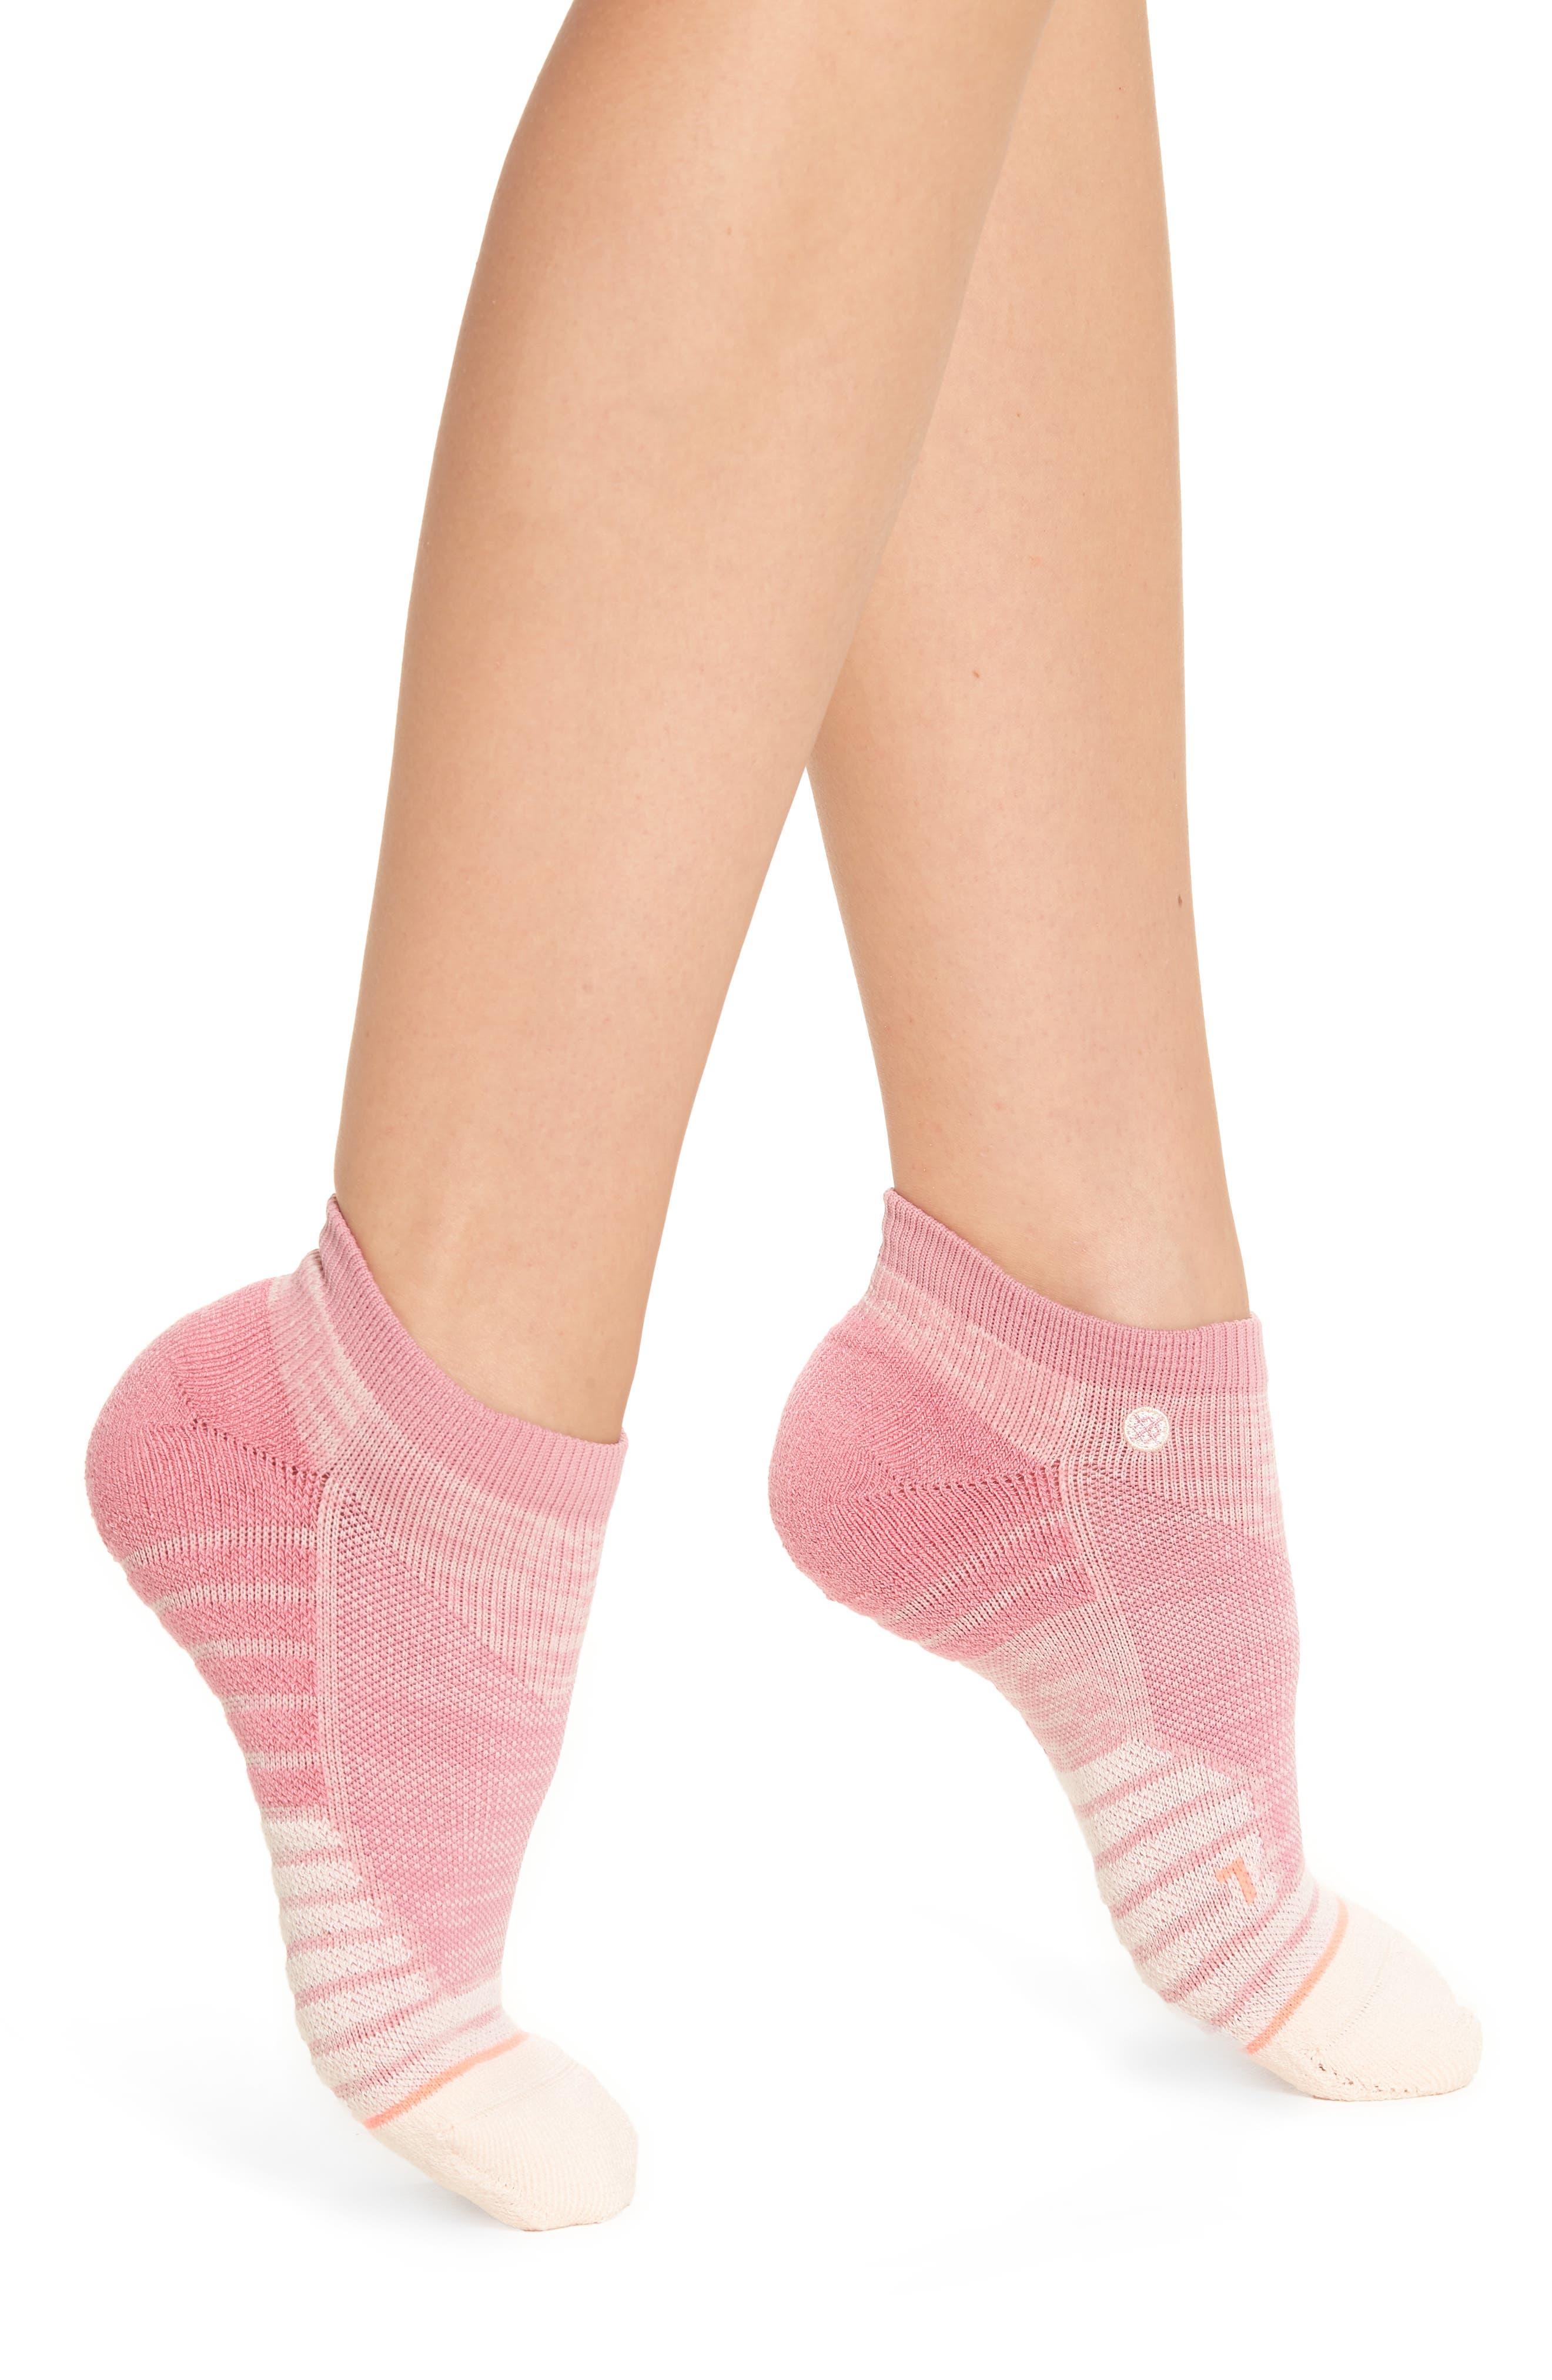 Circuit Athletic Low Cut Socks,                         Main,                         color, Pink